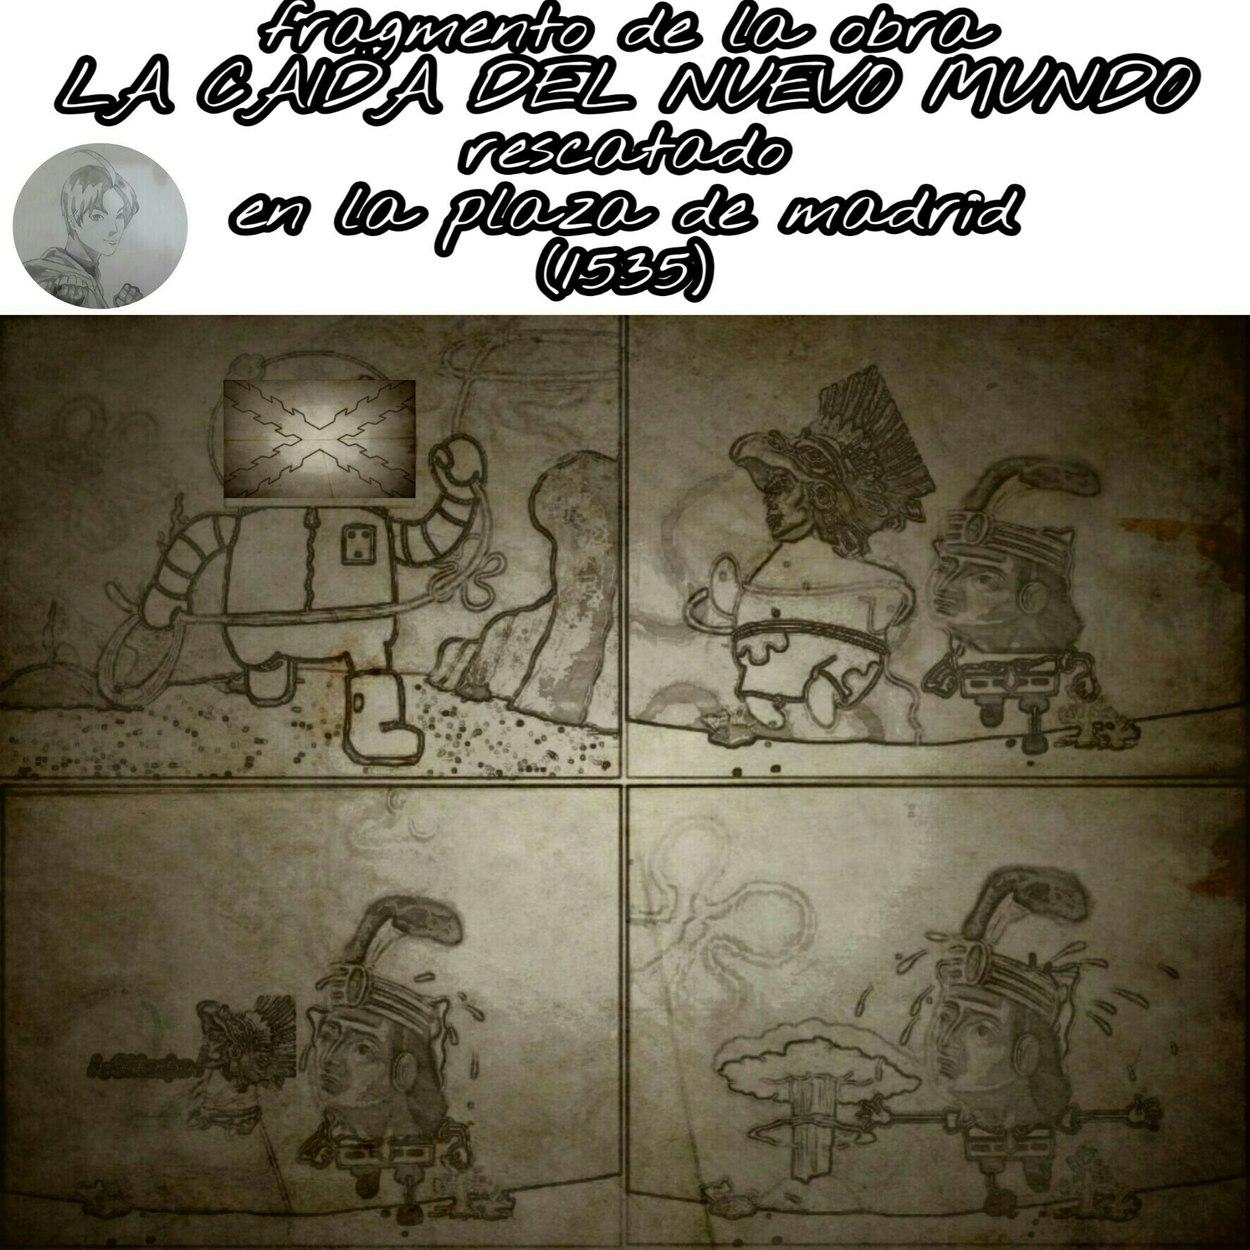 ¡Moctezuma! - meme